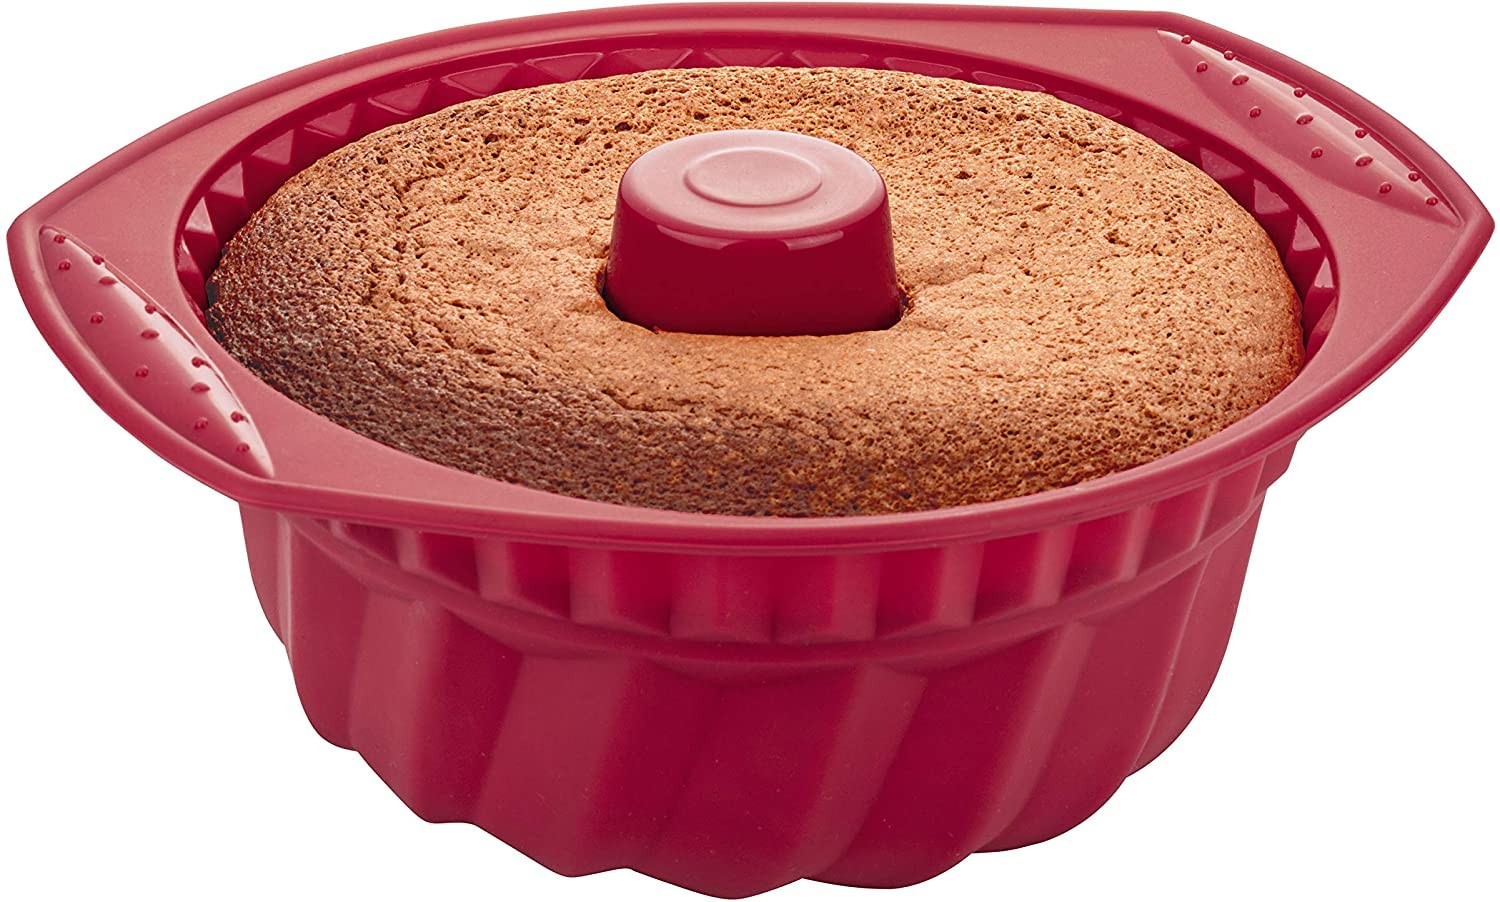 Forma para bolo (Foto: Reprodução/Amazon)